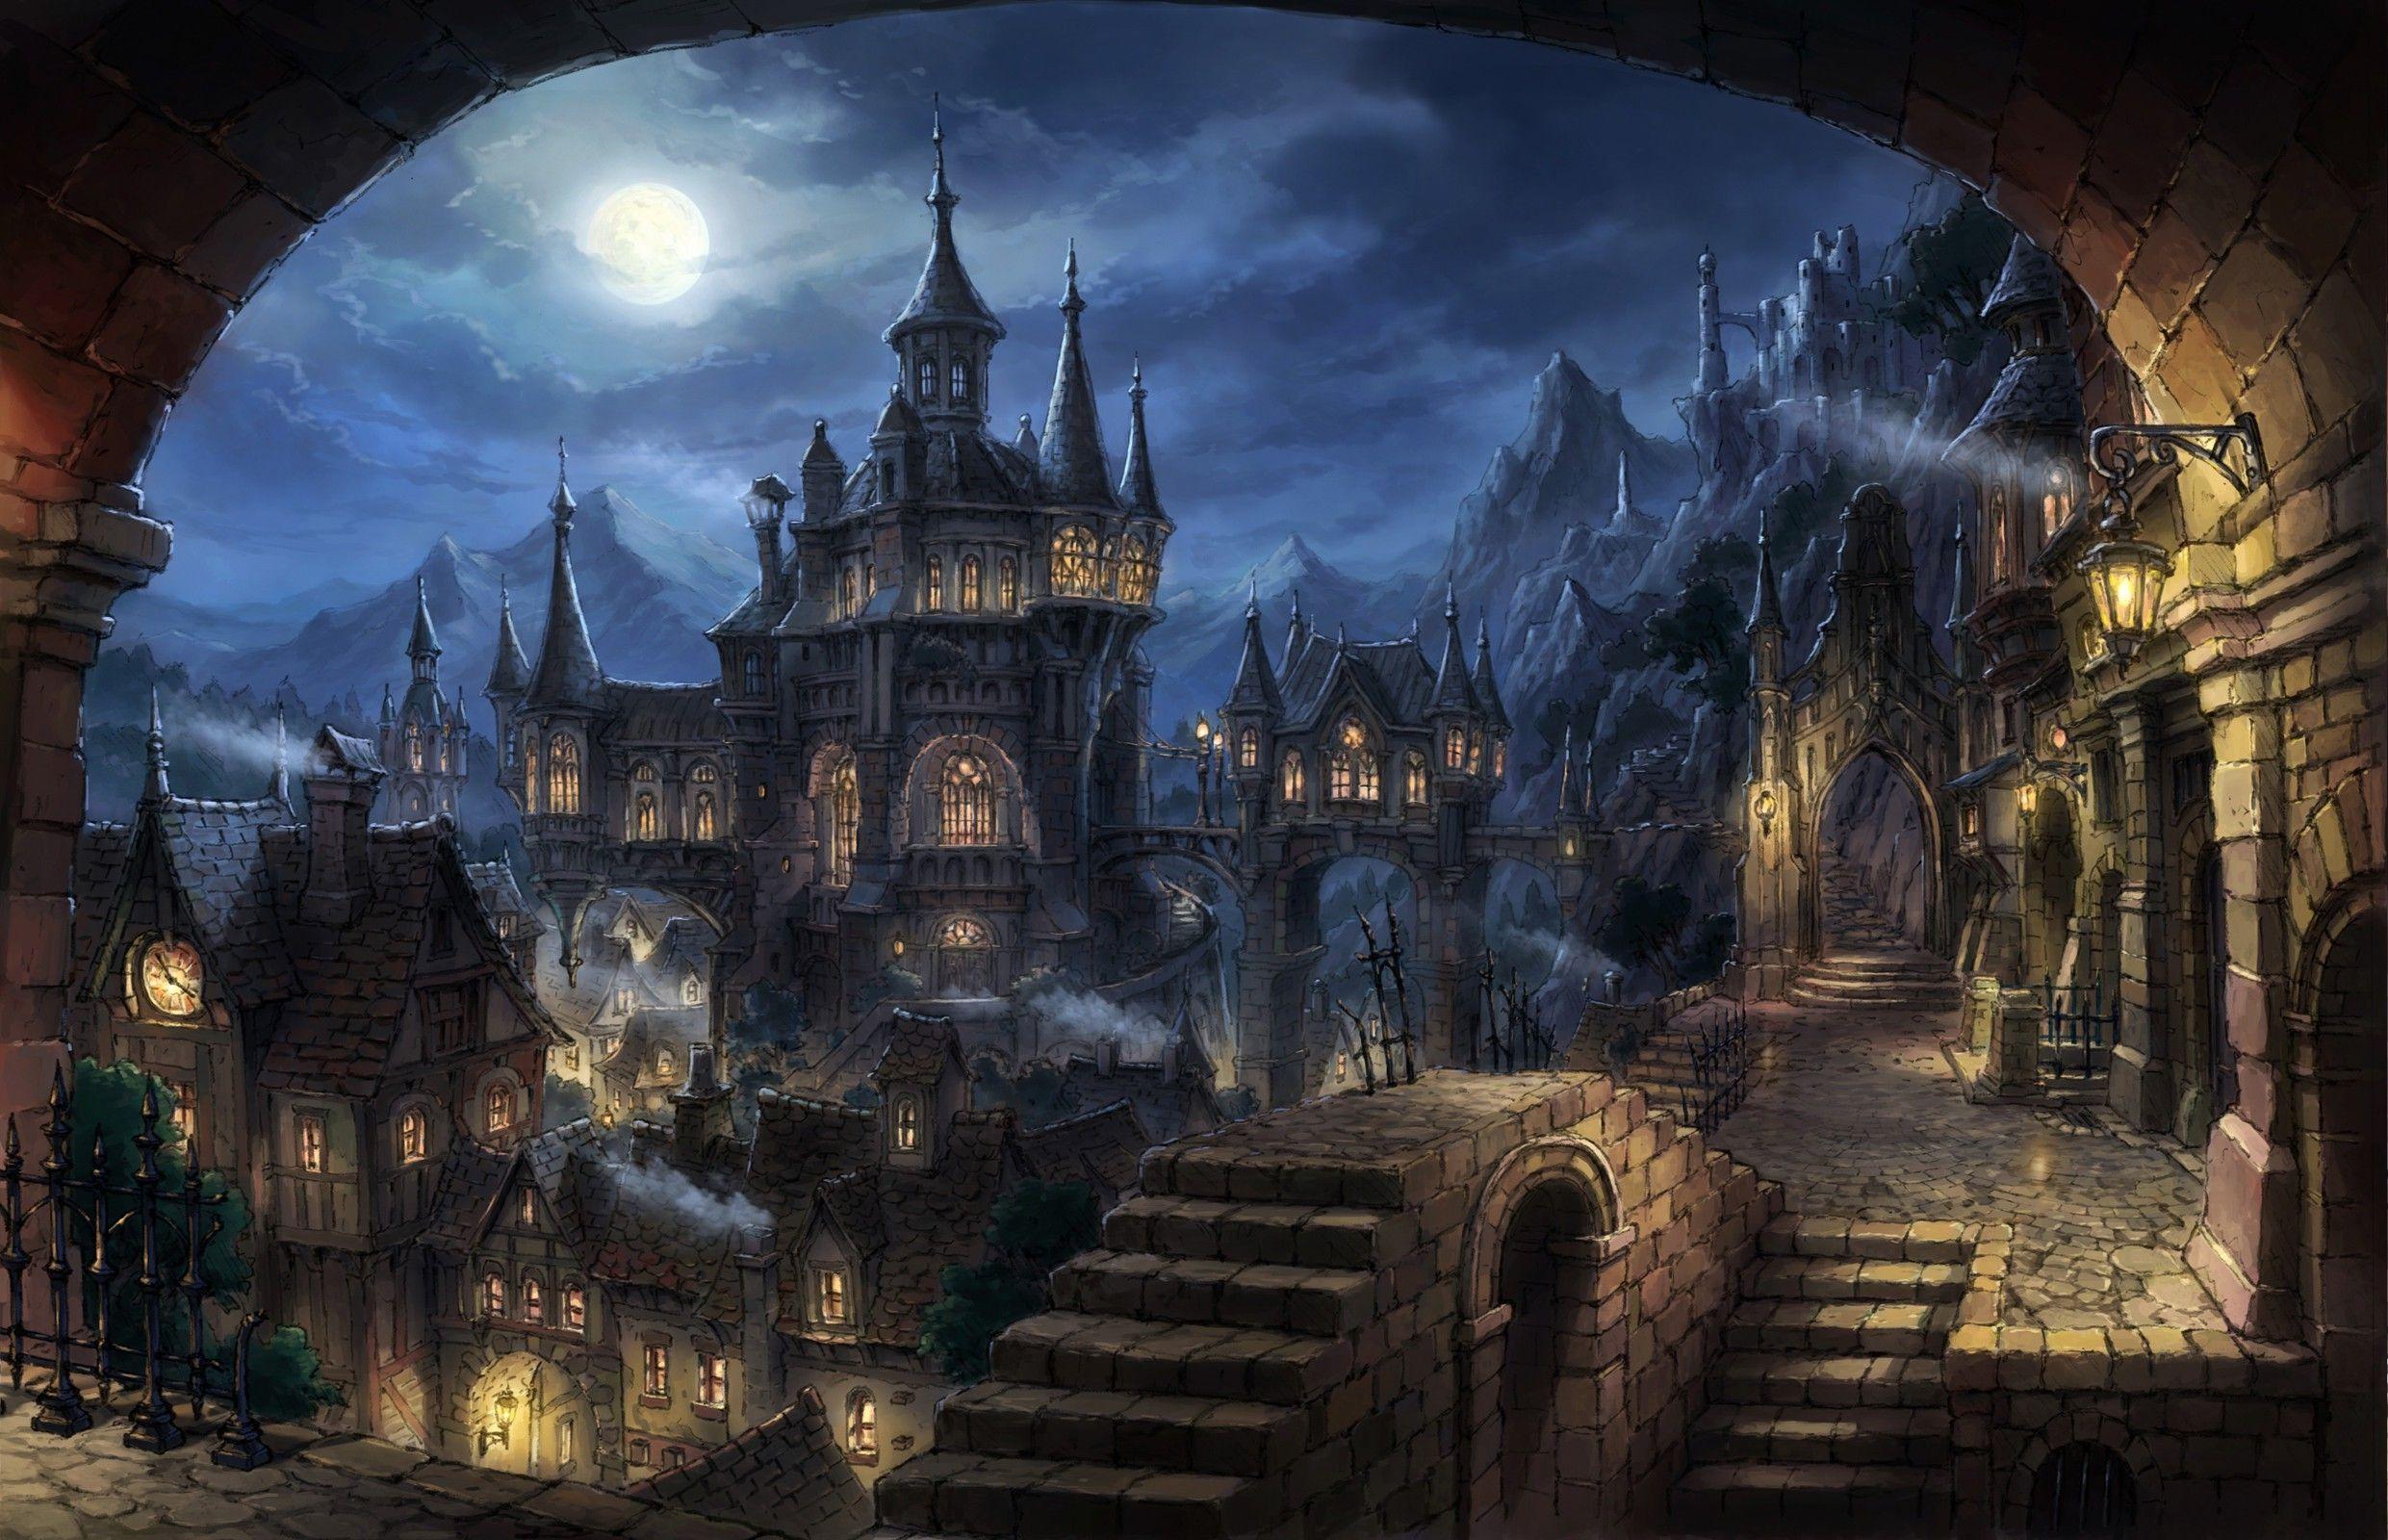 Cityscape Dark Fantasy Fantasy Art Wallpaper Hd Fantasy Art Landscapes Fantasy City Dark Fantasy